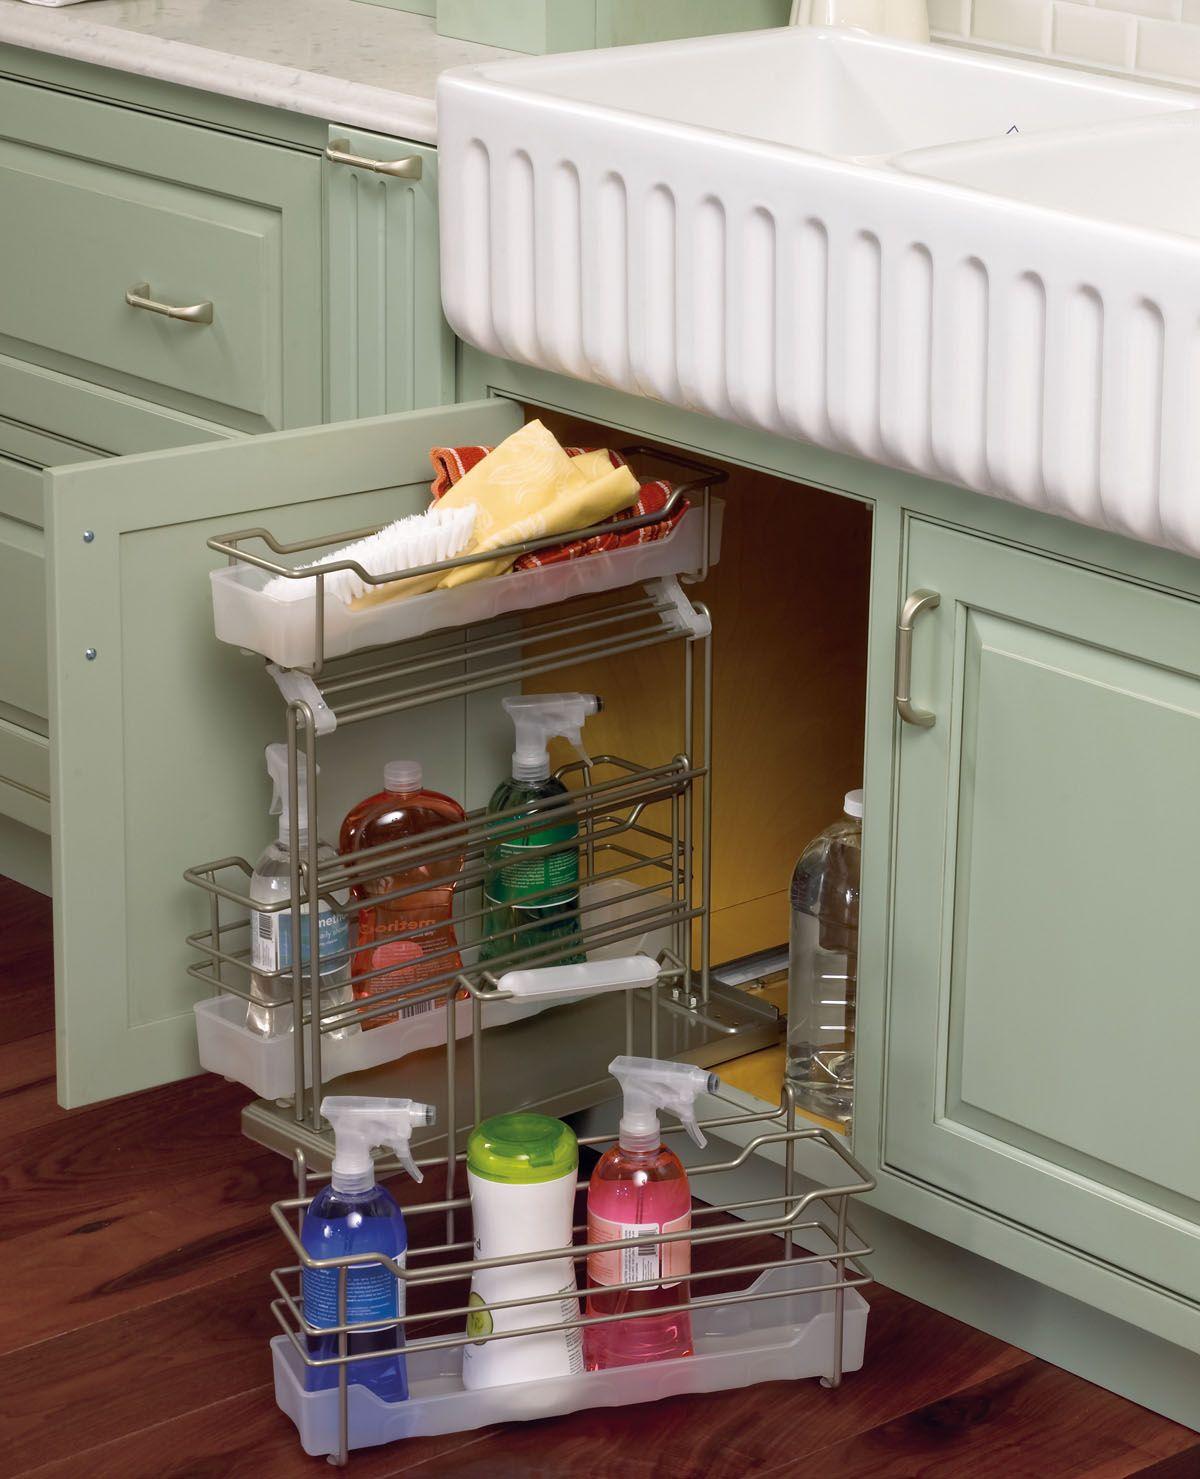 Under Sink Caddy Where Organization Is Of Utmost Importance Sink Kitchen Storage Organizati Kitchen Cabinet Accessories Home Kitchens Kitchen Organization